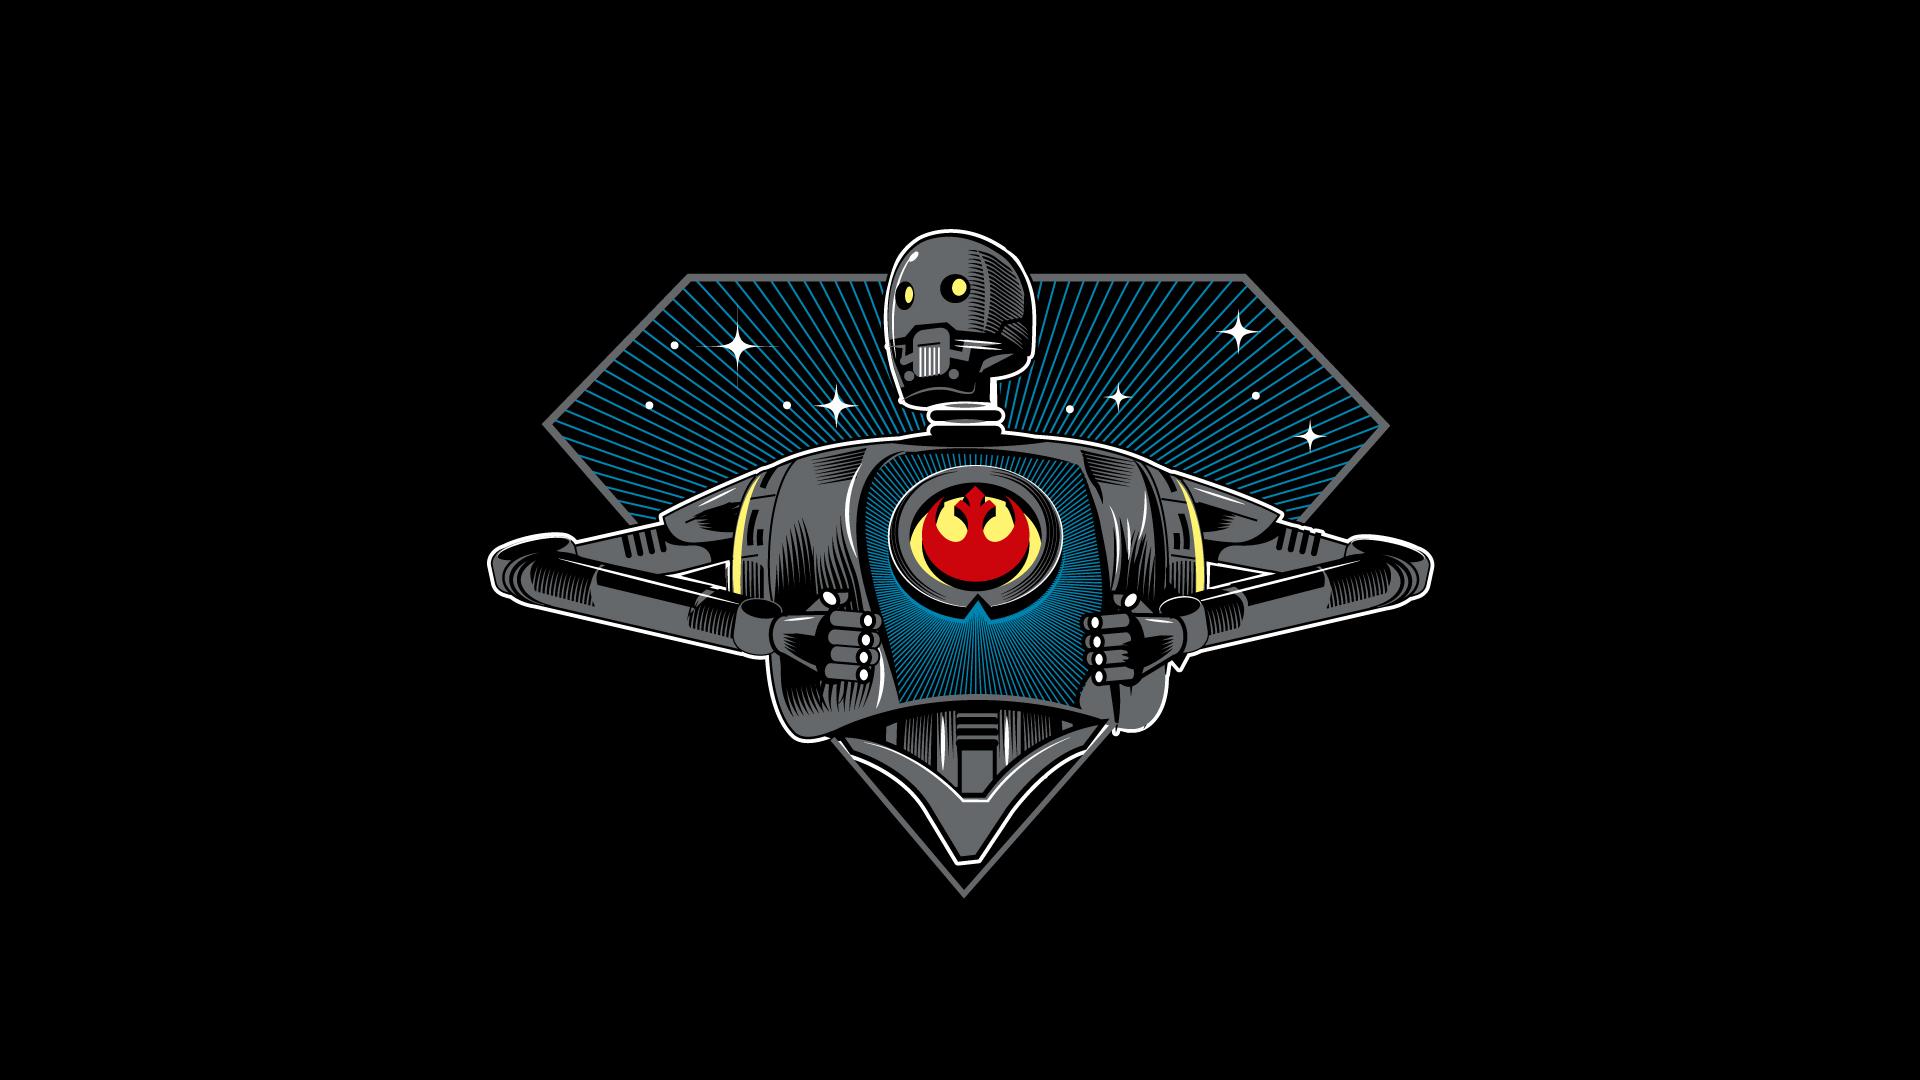 Wallpaper K 2so Star Wars Robot Rebel Alliance 1920x1080 Iamlegend 1380453 Hd Wallpapers Wallhere